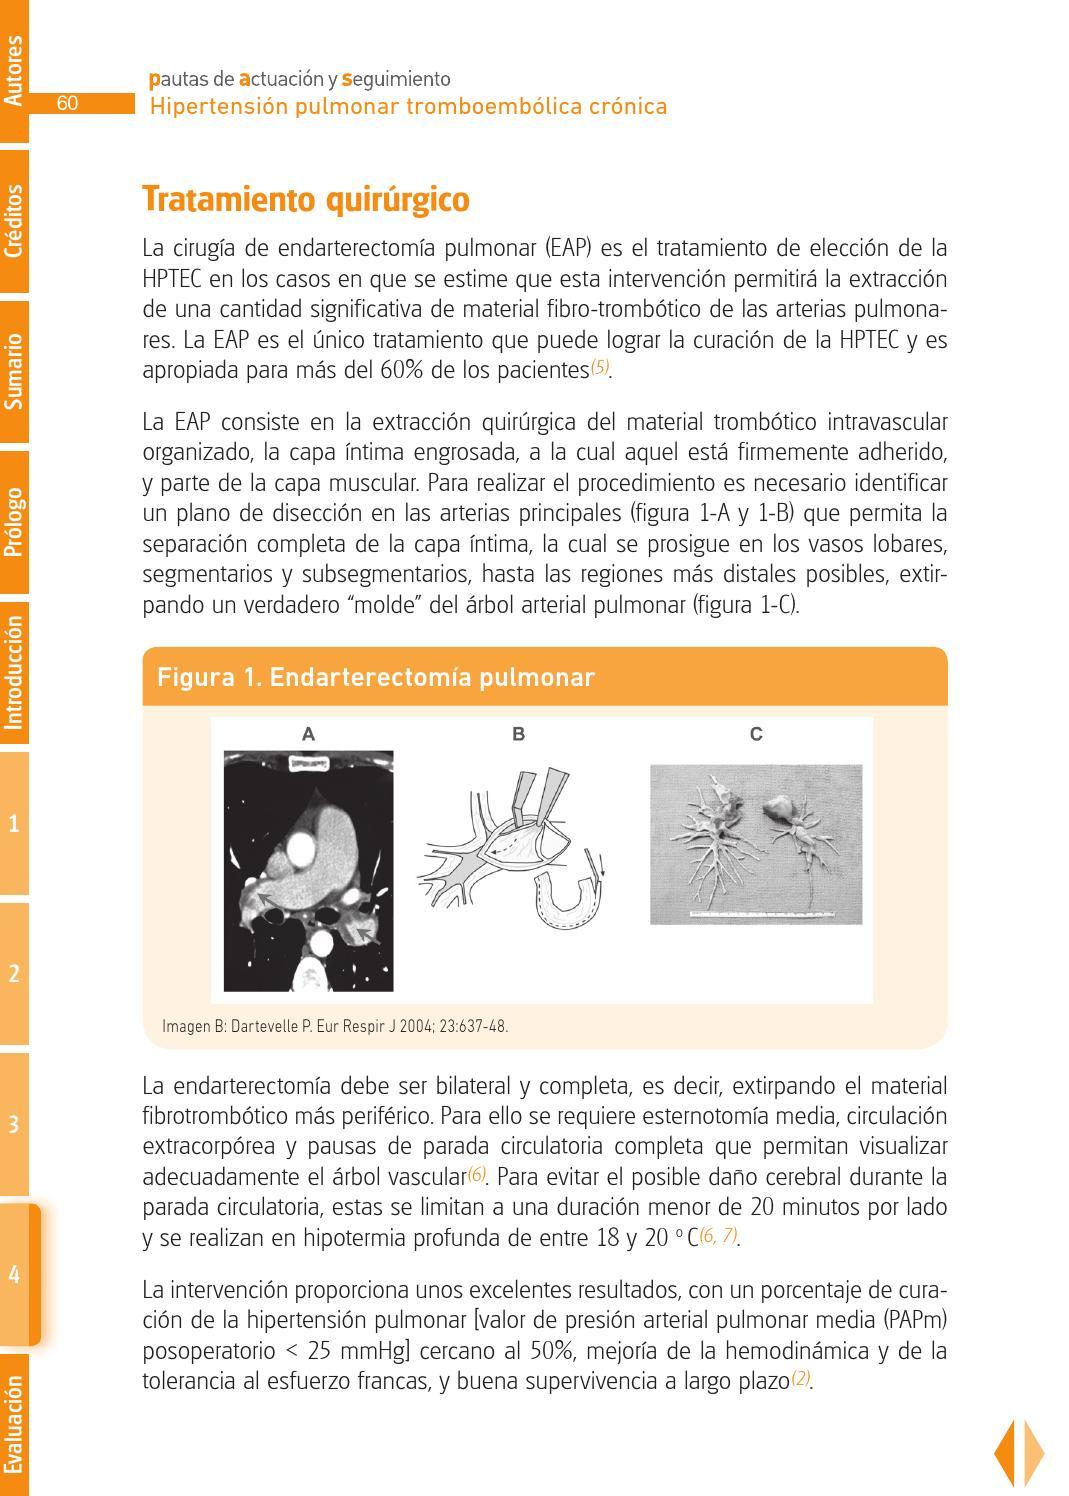 hipertensión intracraneal pdf simptoms